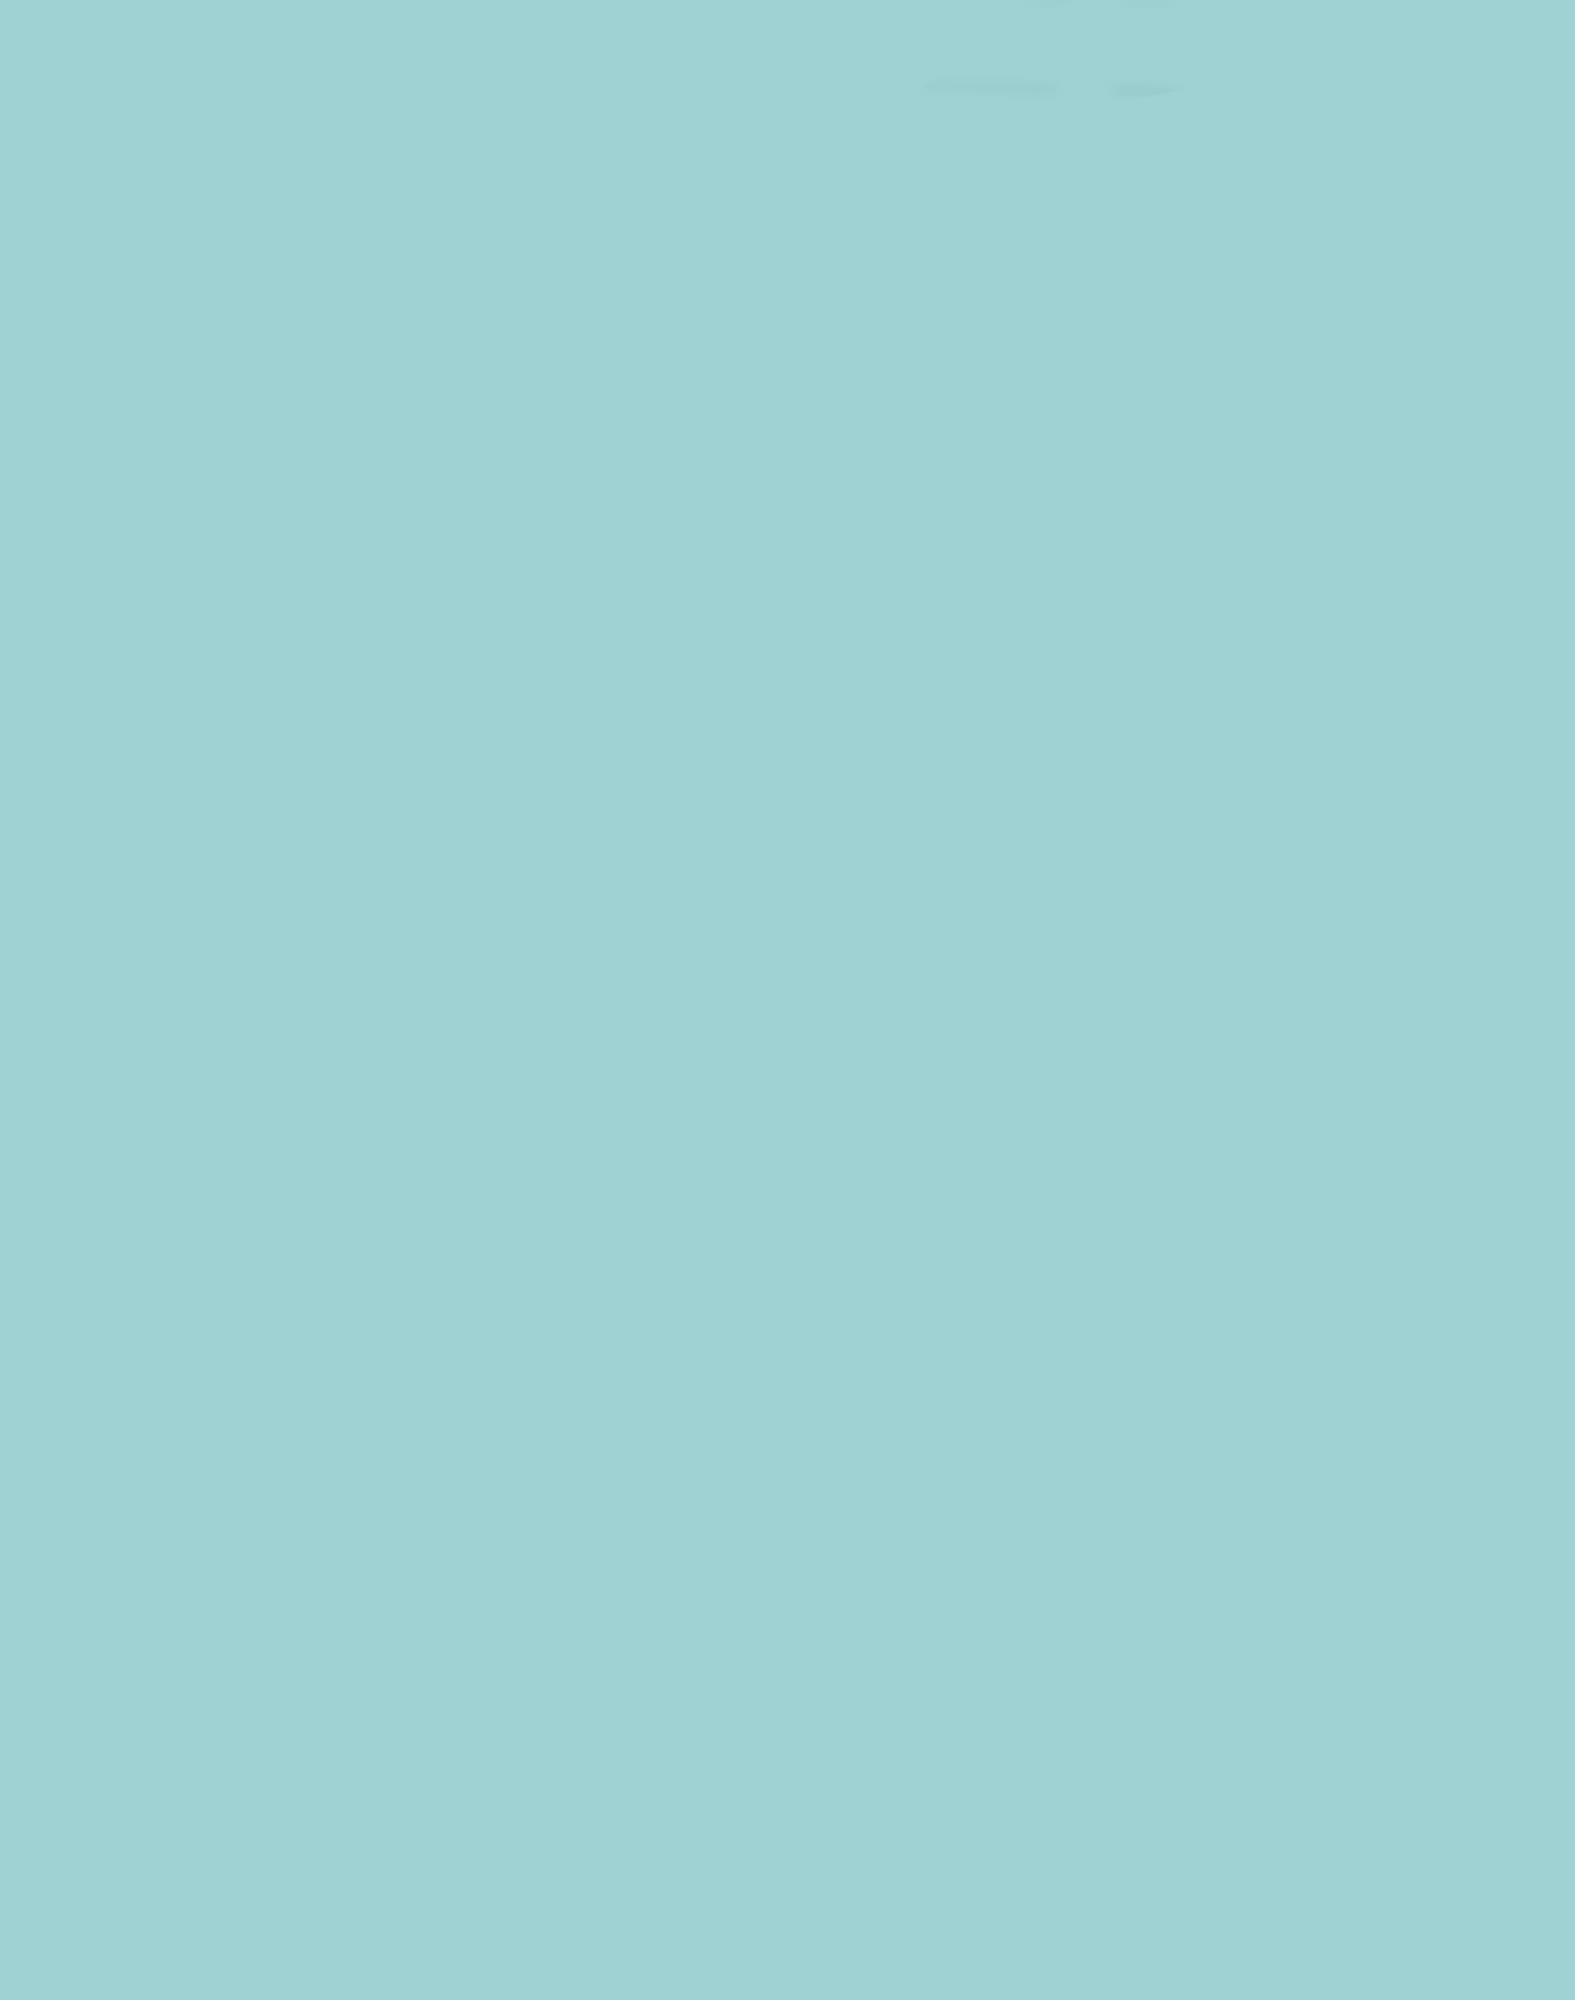 Aqua 158,211,211